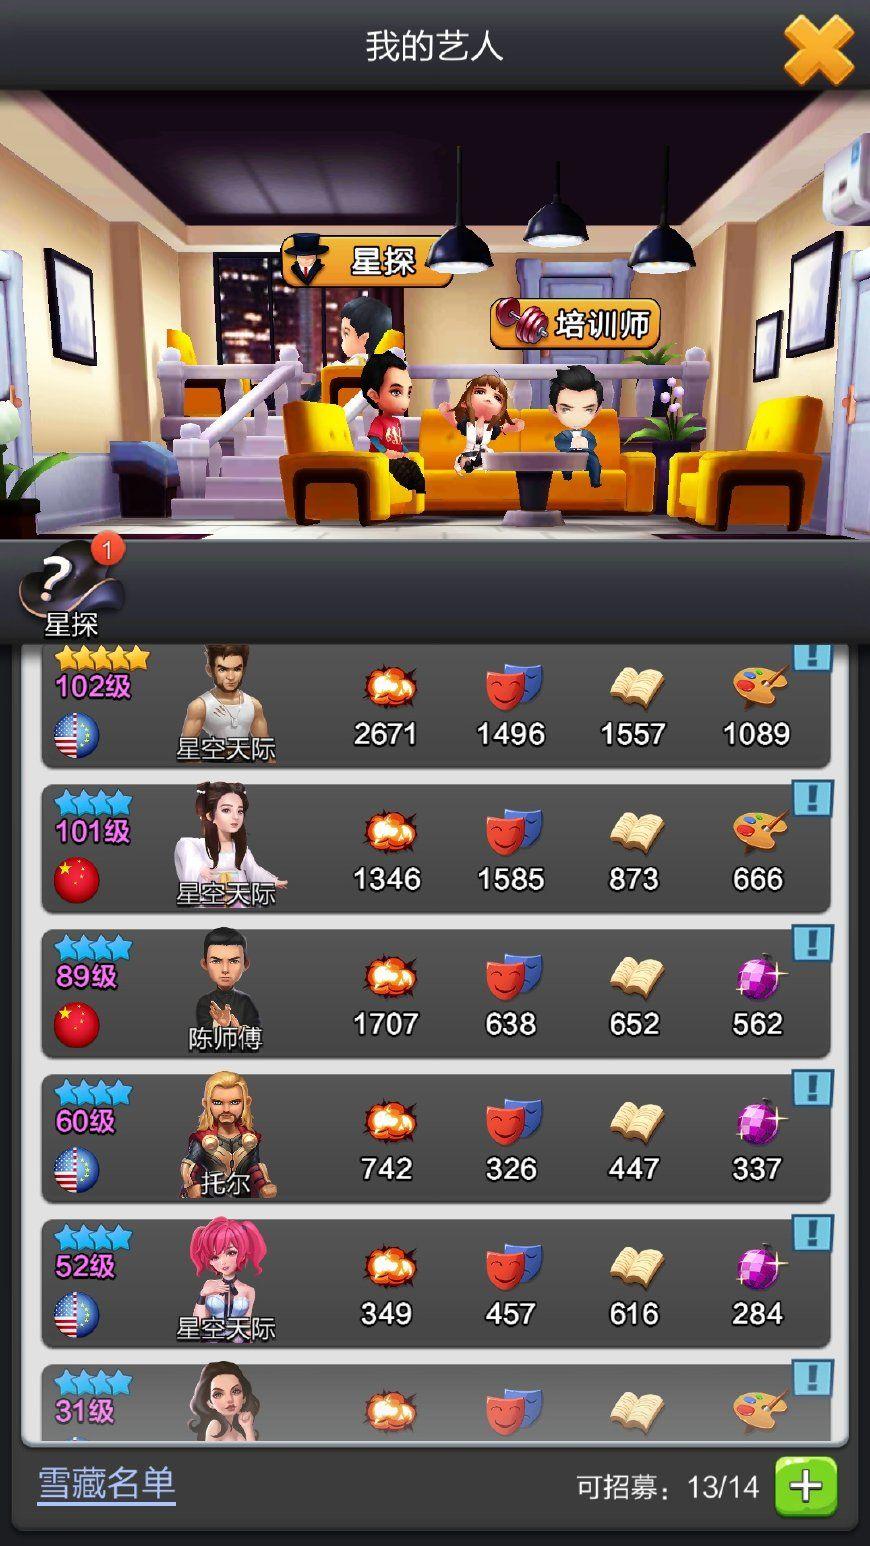 iOS排行榜手游推荐:除了吃鸡还有这些游戏陪你